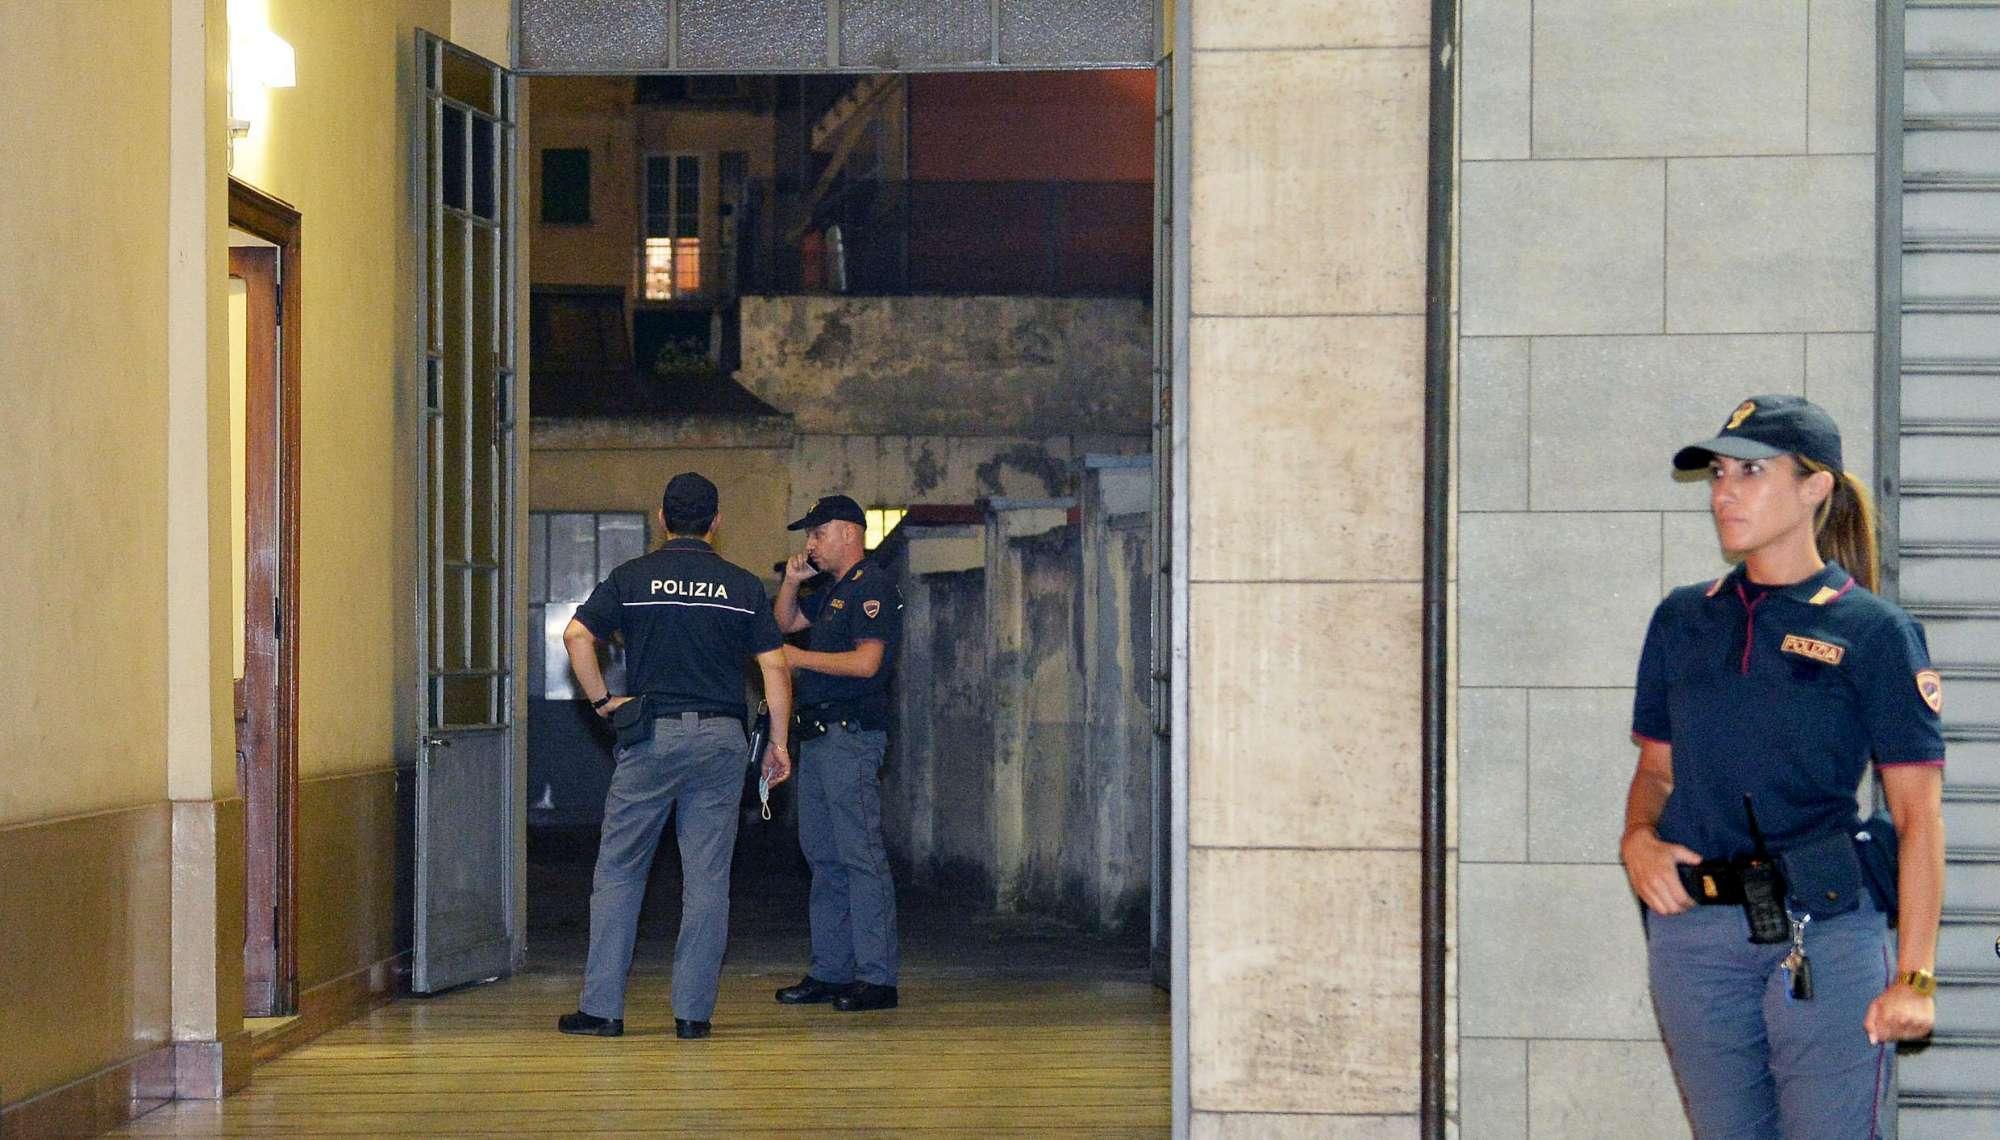 Omicidio-suicidio, coppia trovata morta in casa a Torino